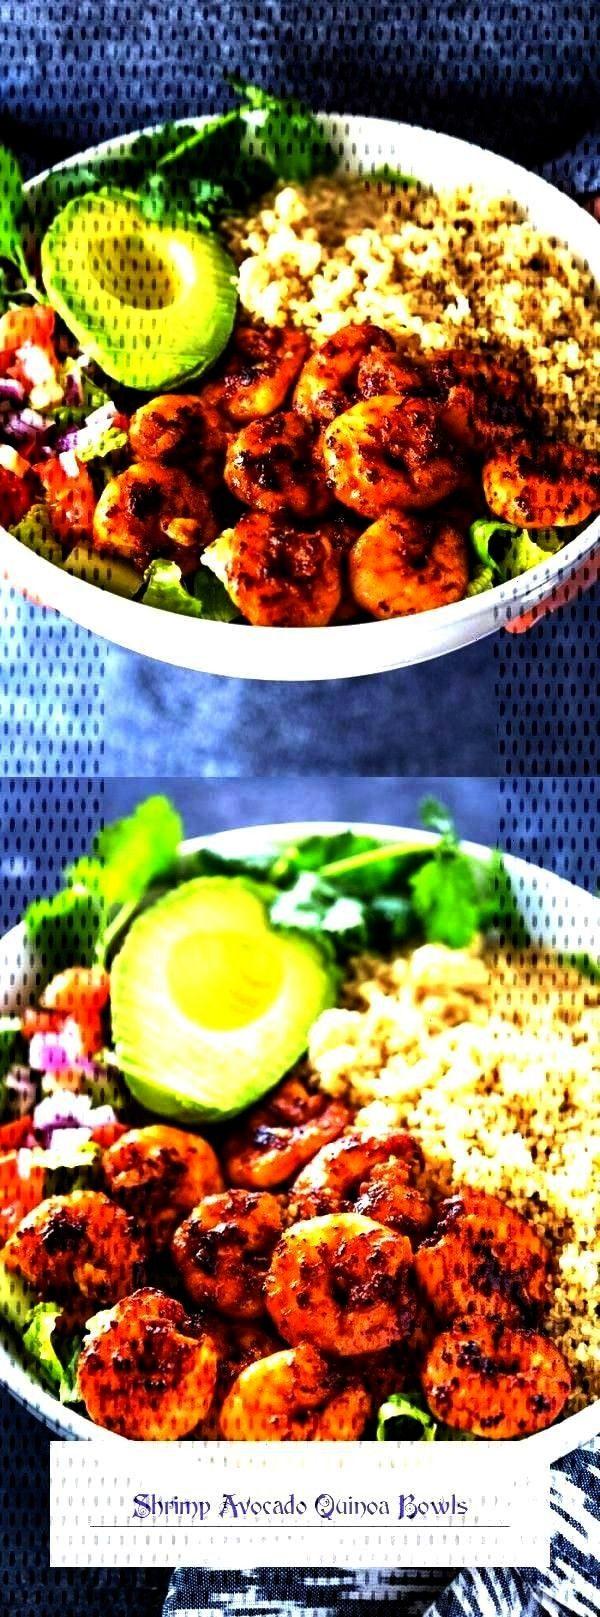 Avocado Quinoa BowlsYou can find B...Shrimp Avocado Quinoa BowlsYou can find B...  This healthy Tri